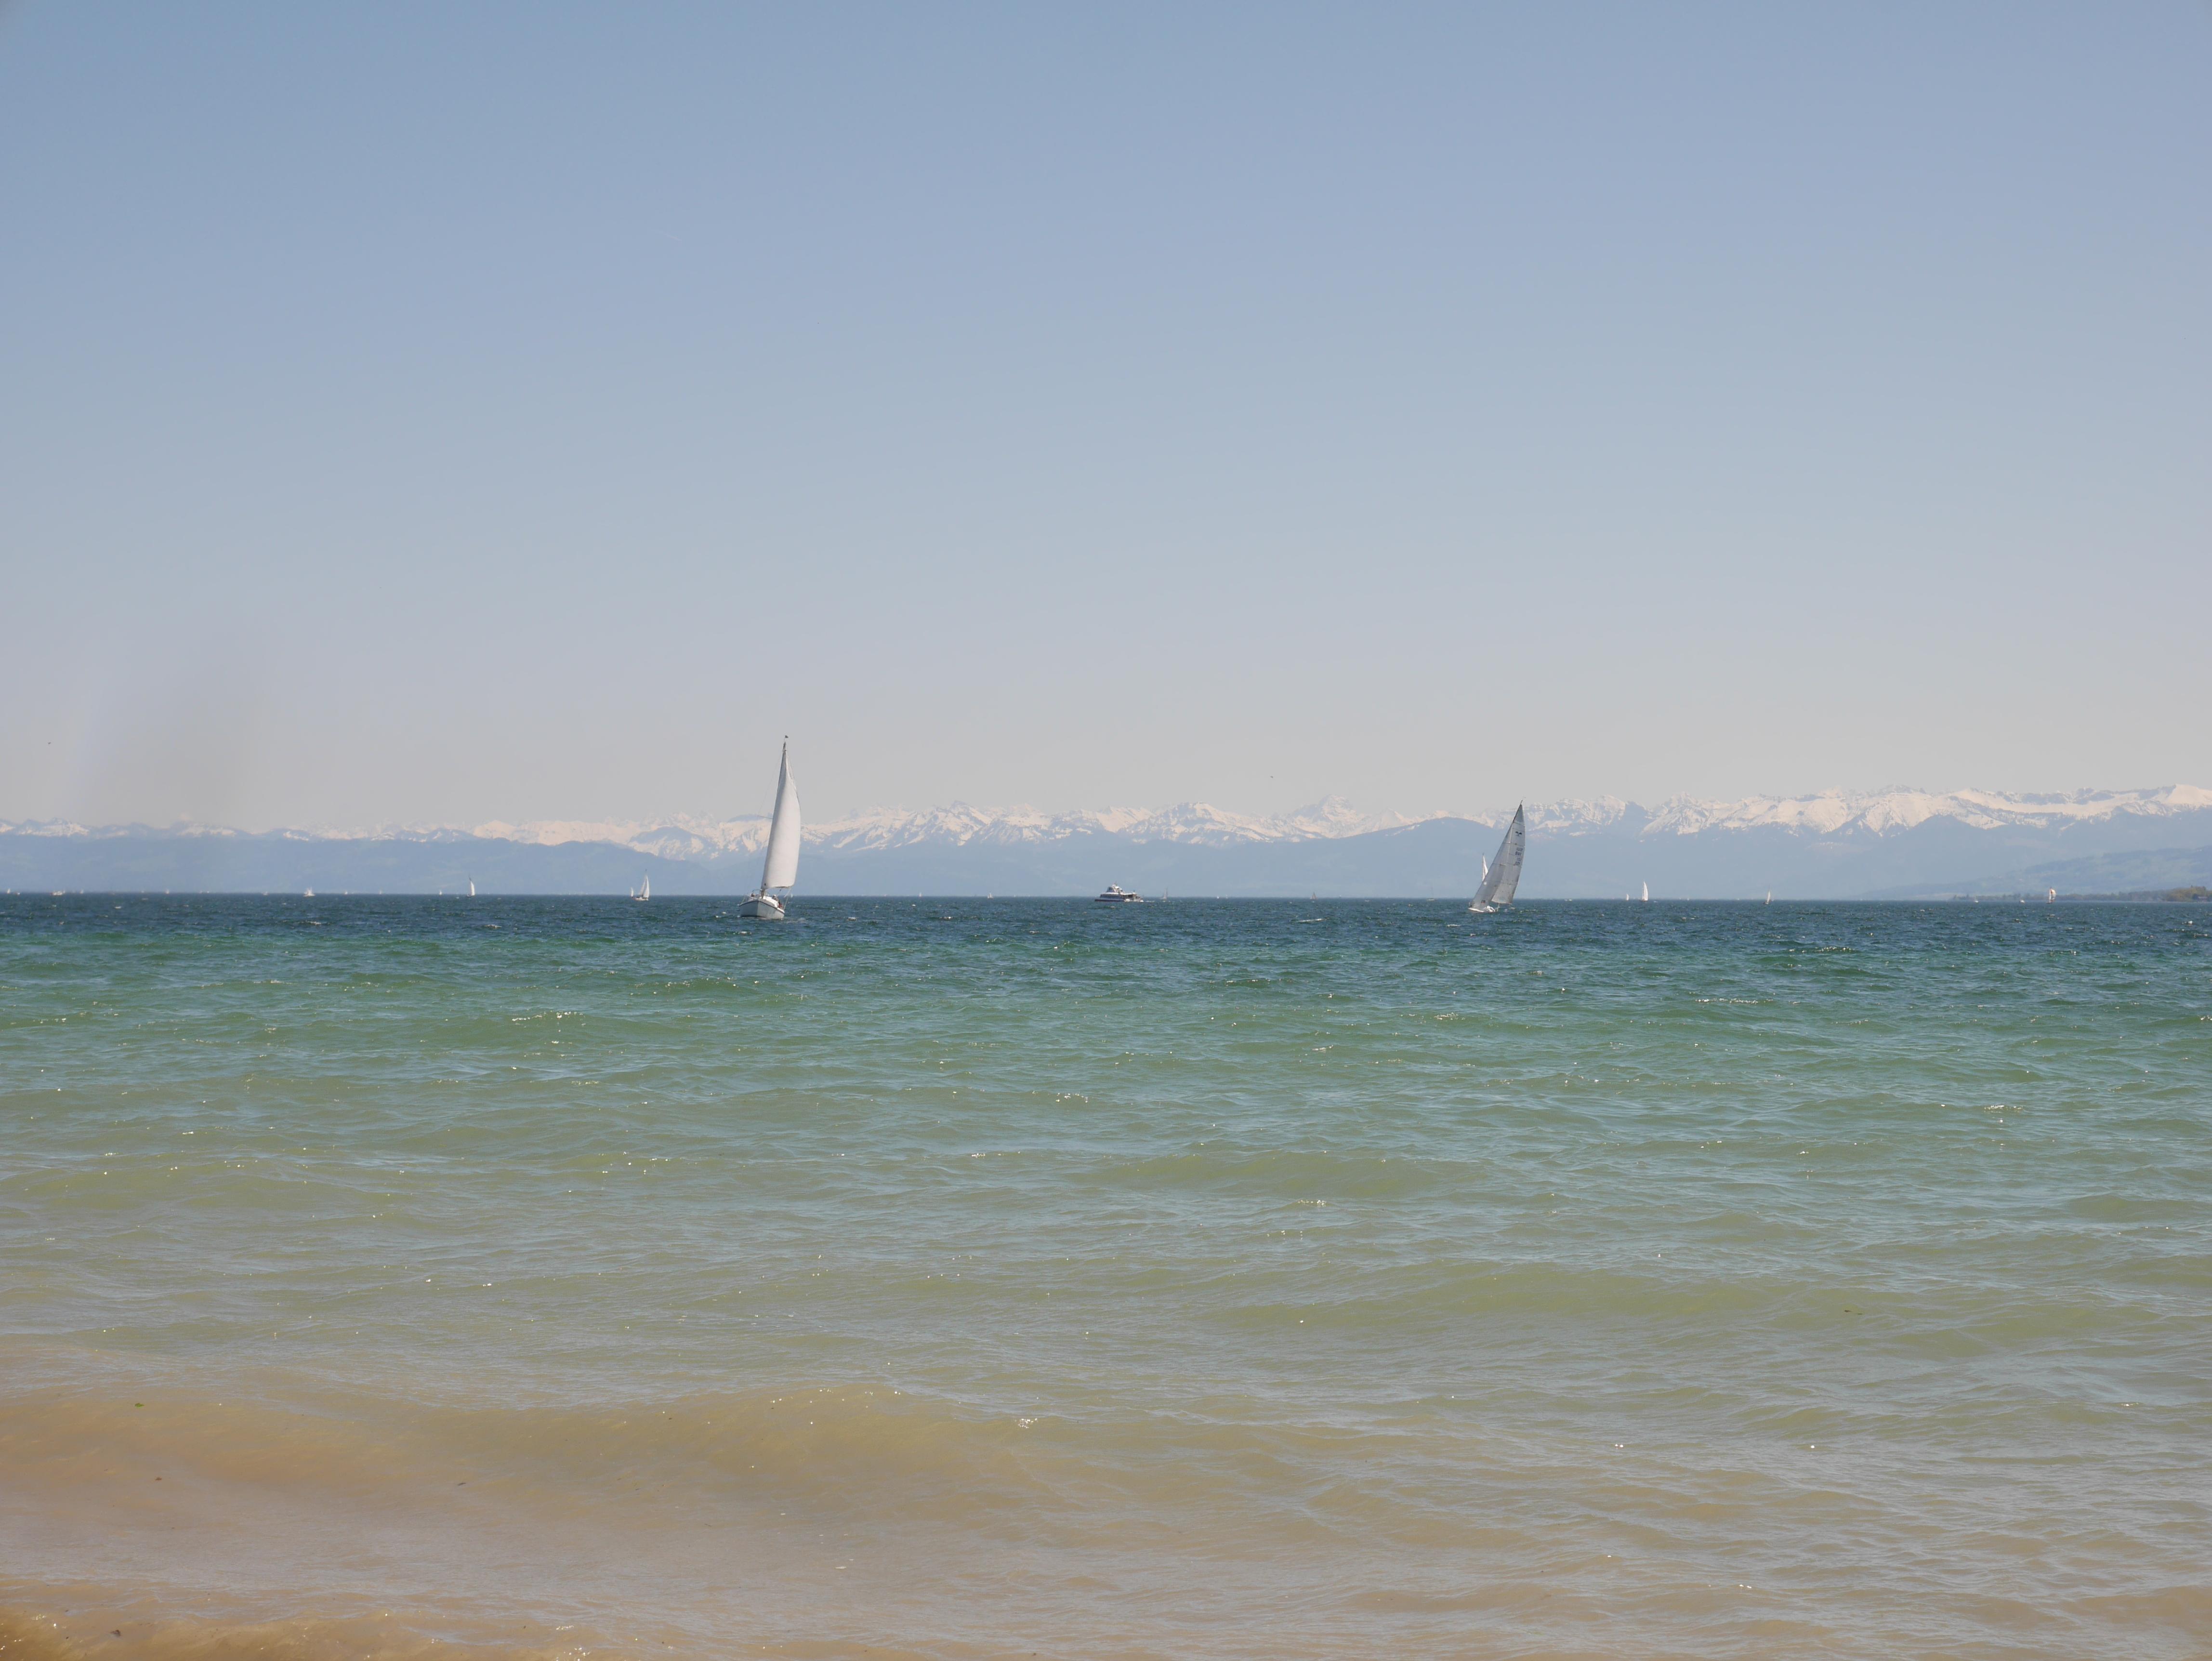 Bodensee May Sailboats